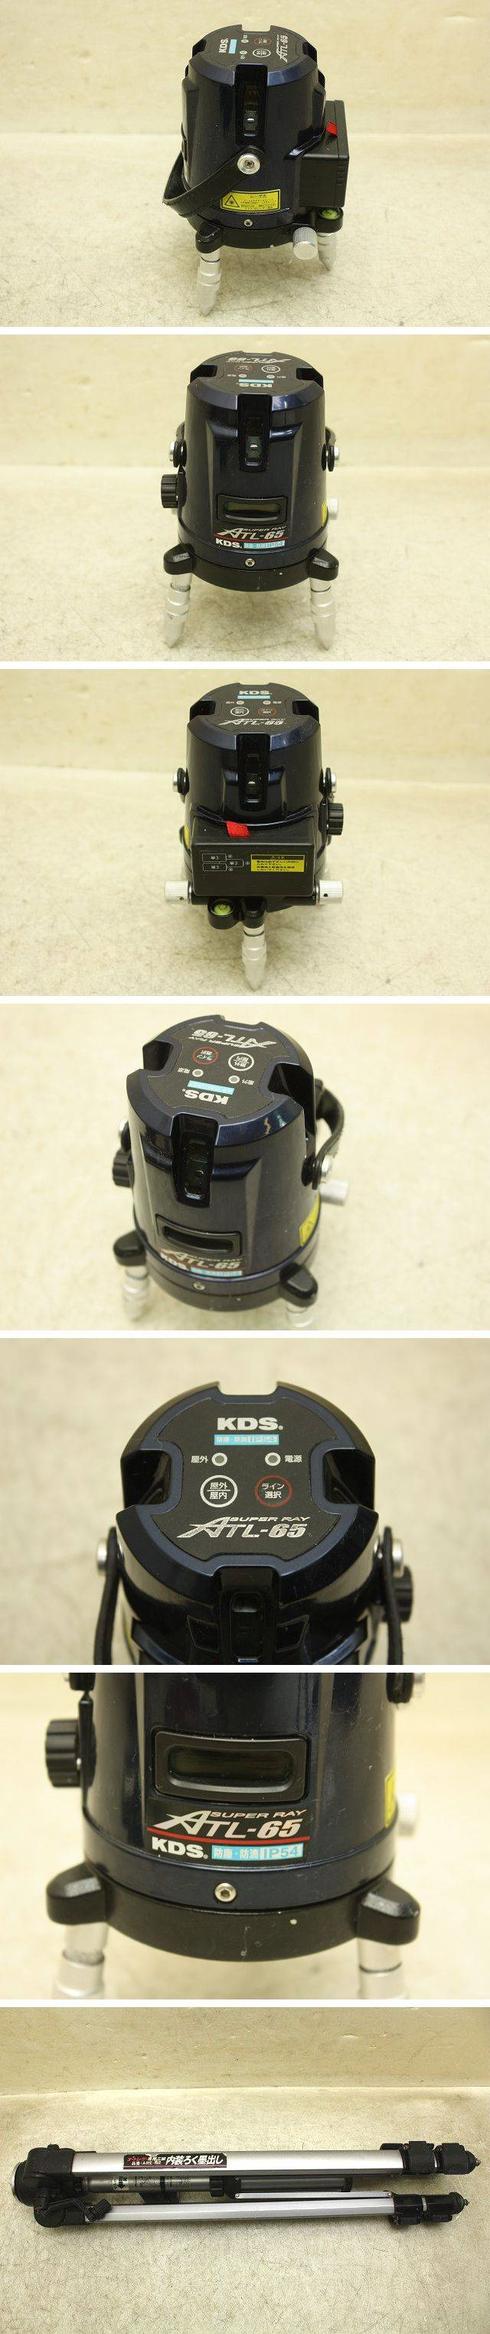 ムラテックKDS 高輝度レーザー墨出し器 ATL-65 三脚付